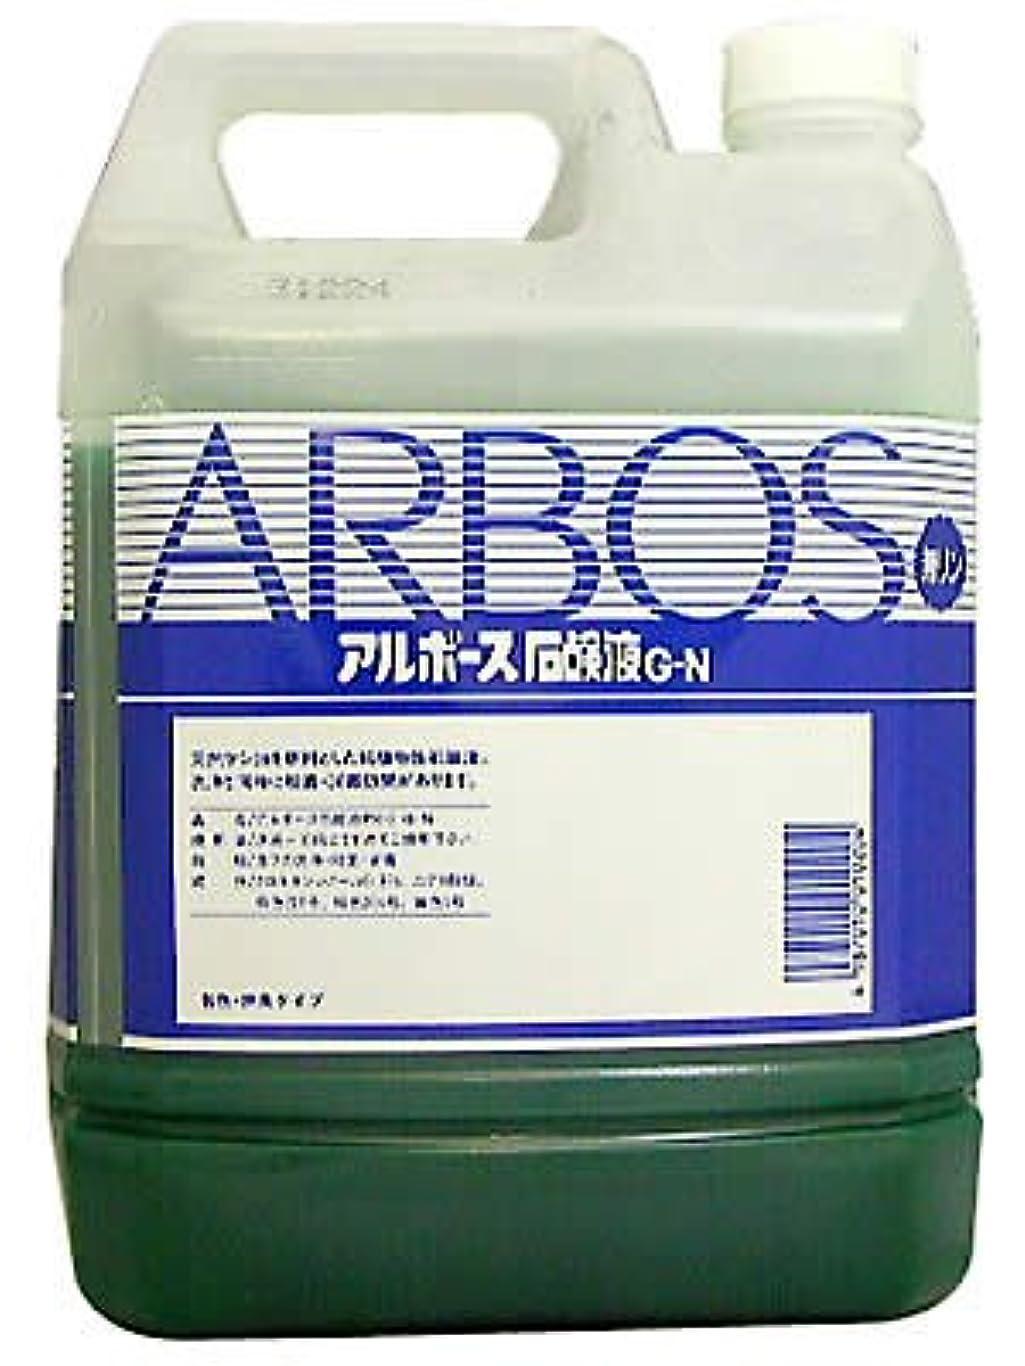 心のこもった昼寝とげアルボース石鹸液G-N 010204kg / 6-8601-01